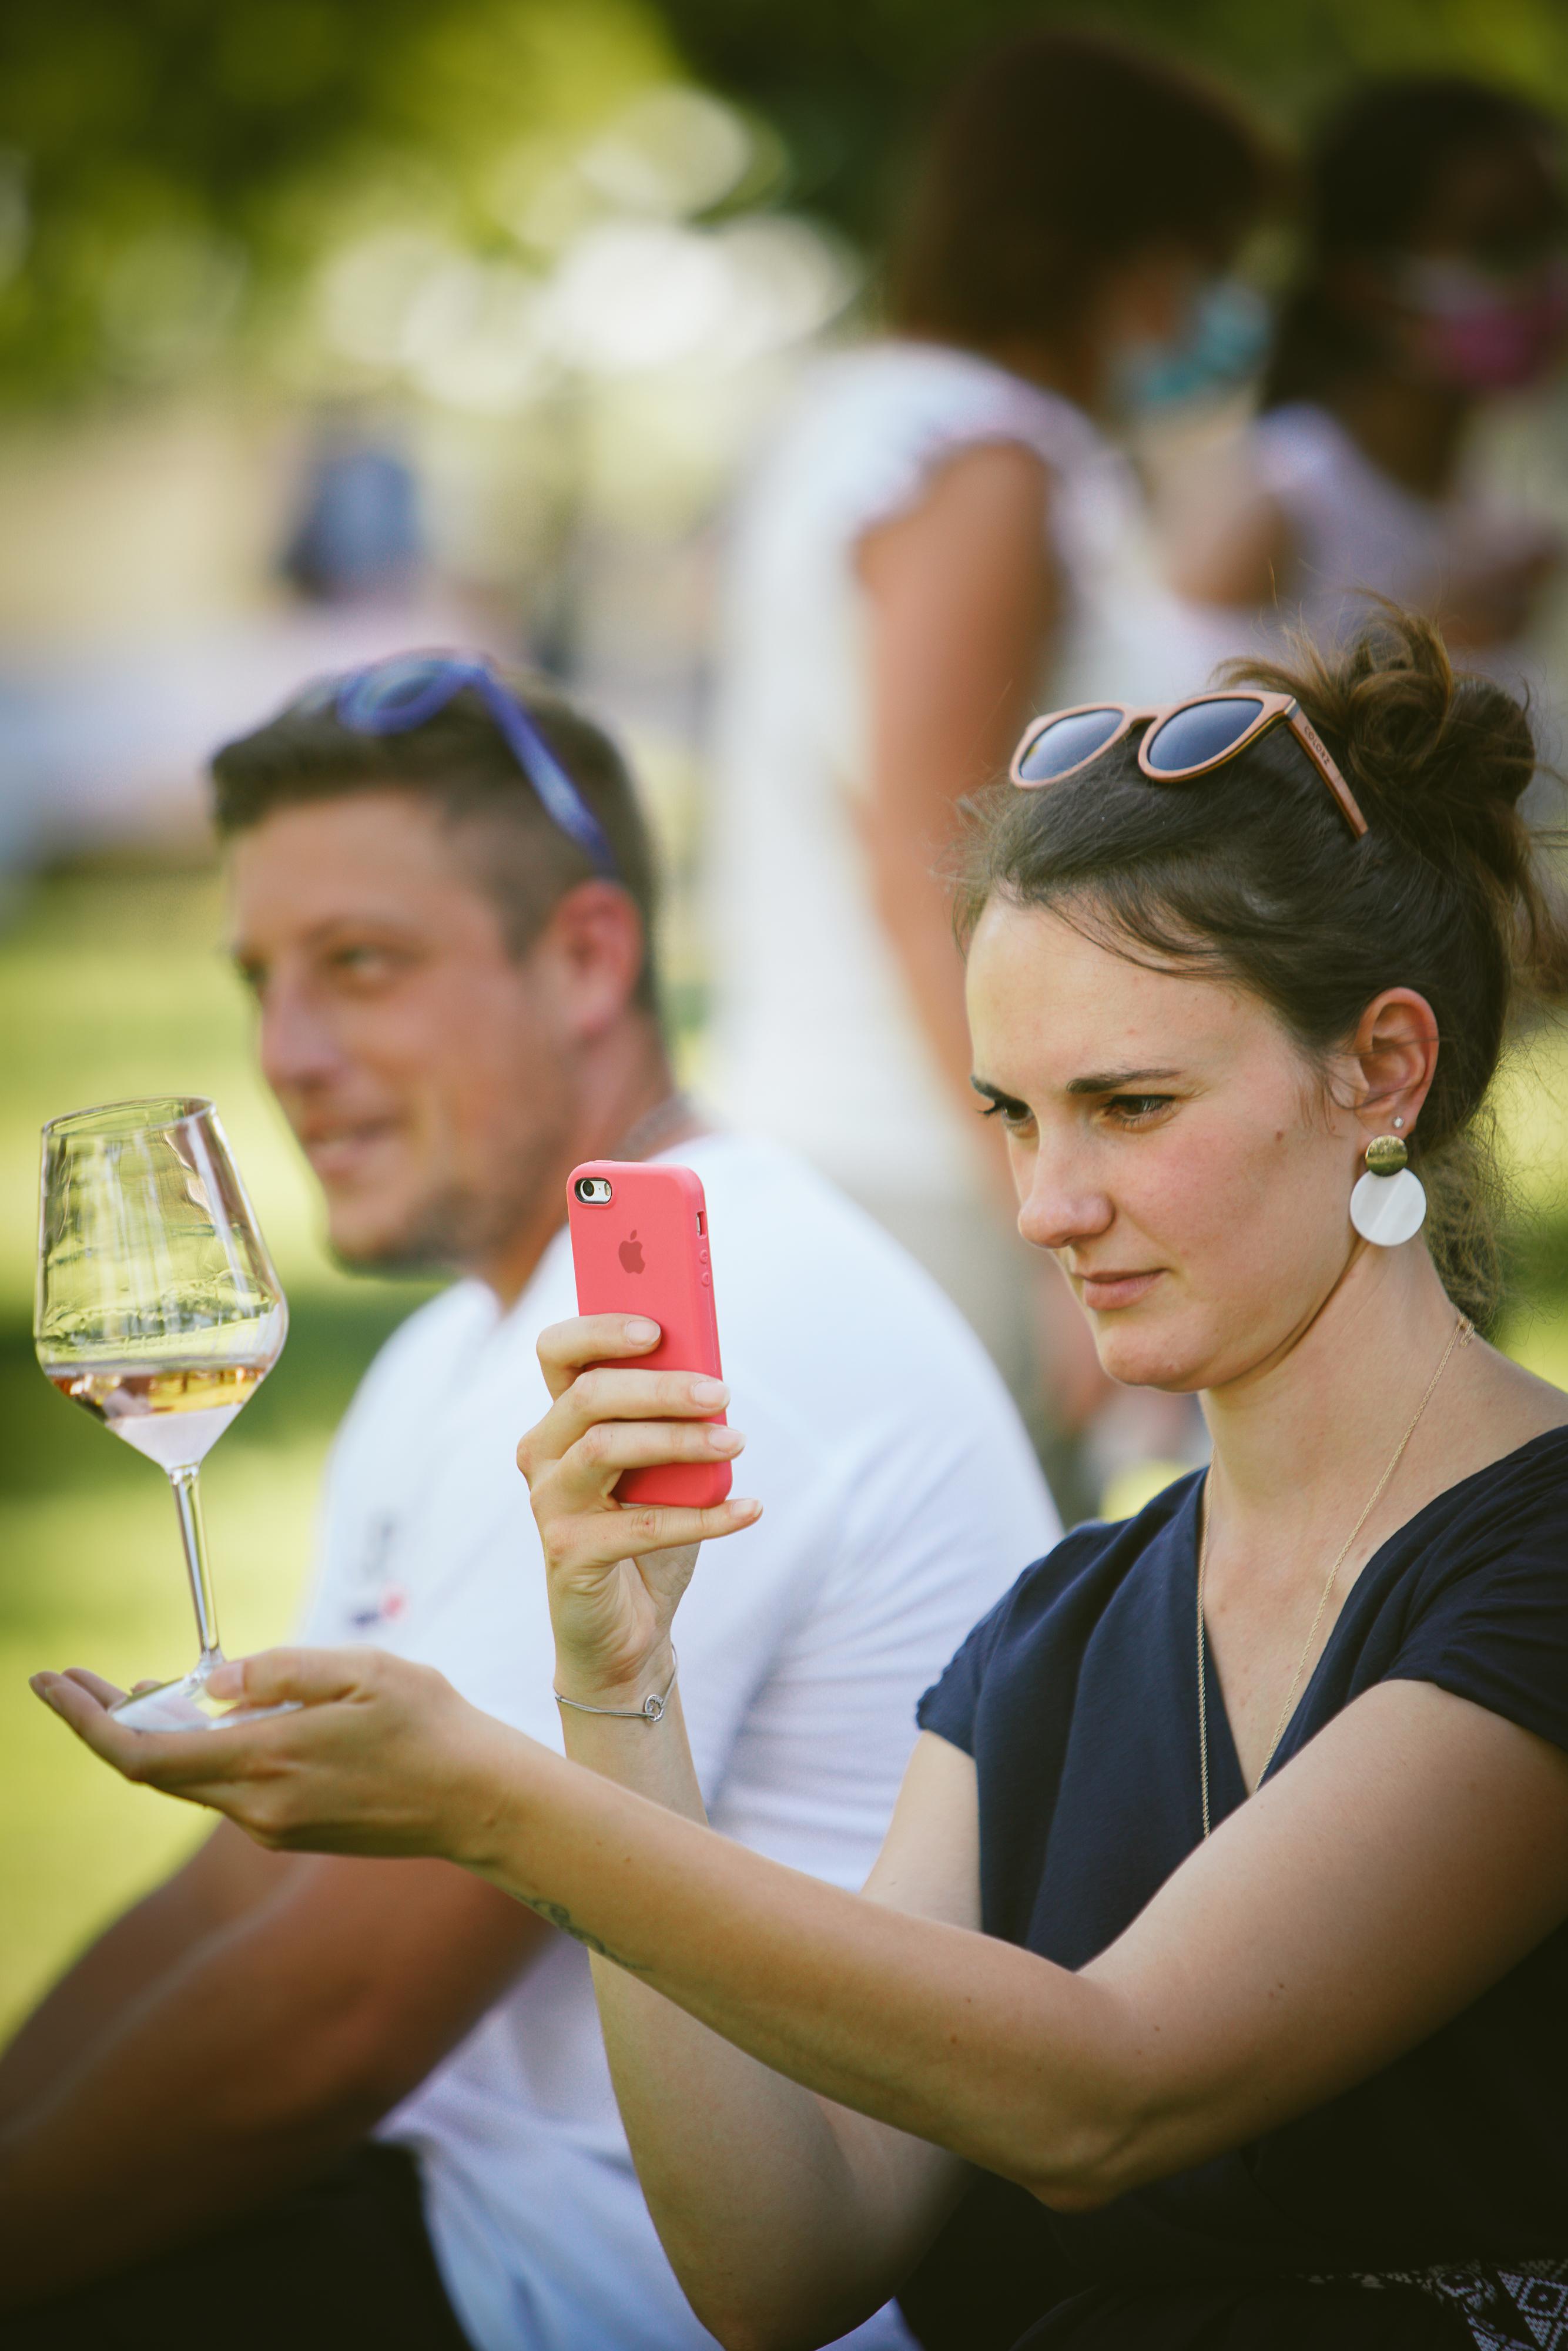 AFTER WORK EN MÉDOC_2020-chateau-Malescasse_Photographe d\'evenements corporate_christophe_boury_www.photographe-33.fr_A7R01961